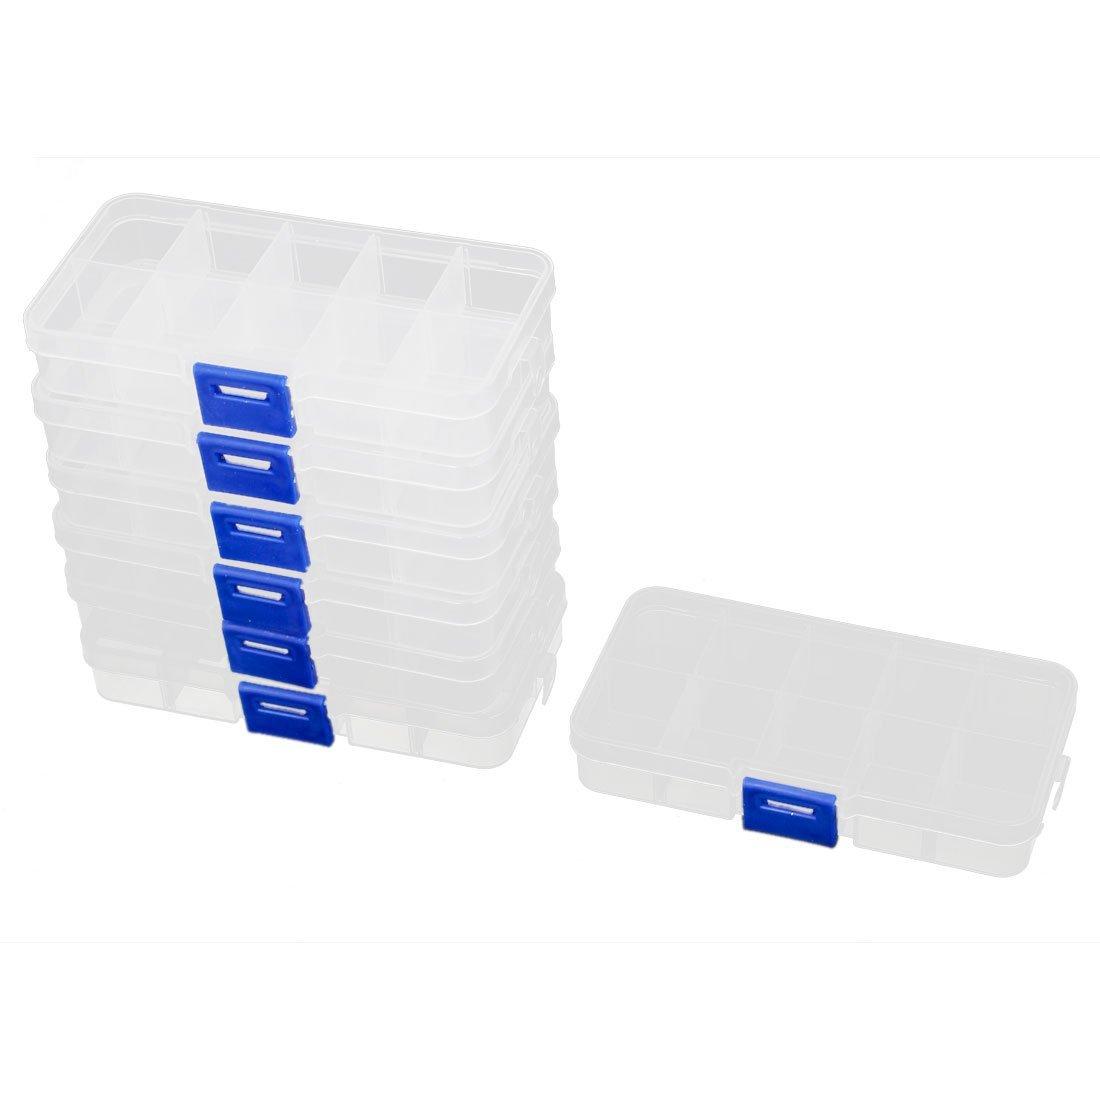 Практичный бутик 7 шт. Пластик 10 разделов ювелирные изделия Шурупы таблетки держатель для хранения Box Clear